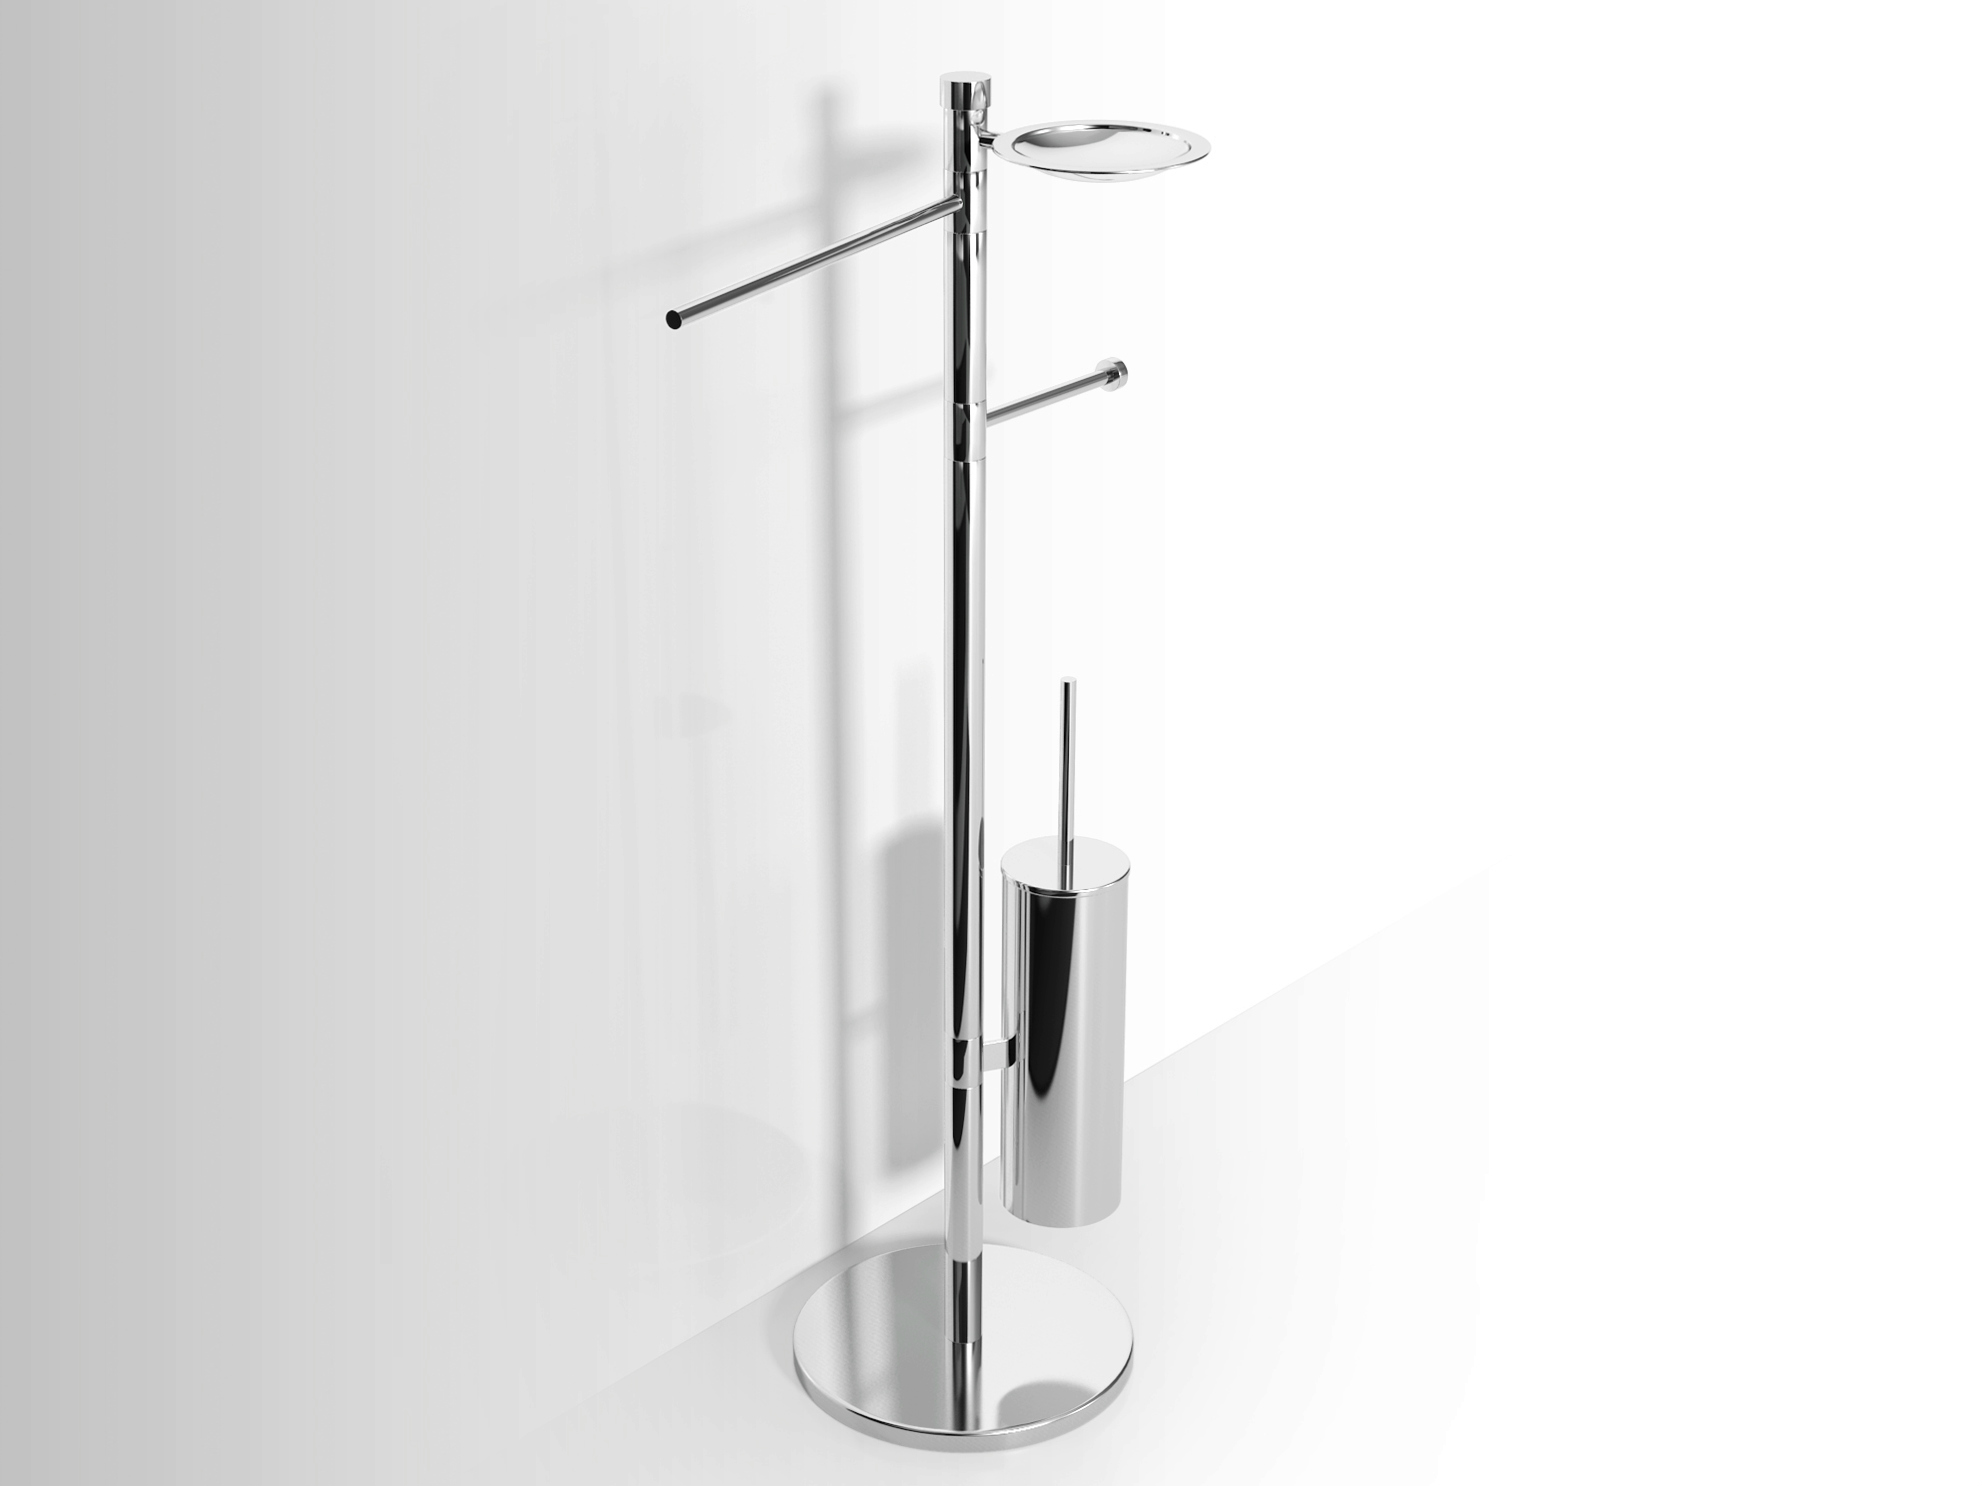 Portarotolo igienica da terra ikea ispirazione di design for Specchio da terra ikea